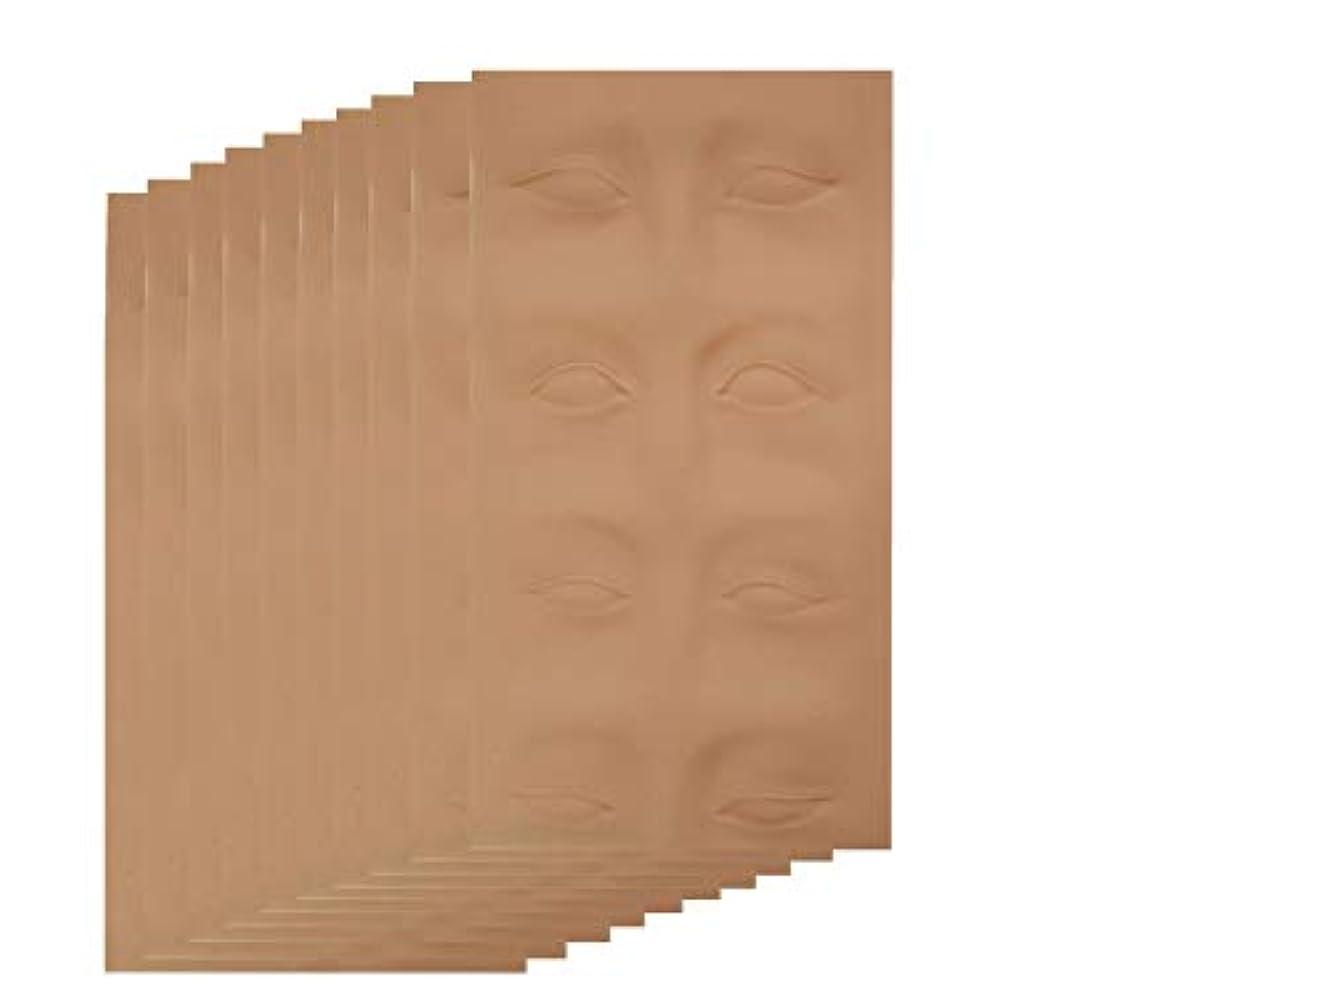 書誌突然の知恵アートメイク 入墨 タトゥ メイク 練習 シートマット 眉タトゥー 練習ゴムシートアートメイク材料 眉 (1枚~10枚) (10枚)